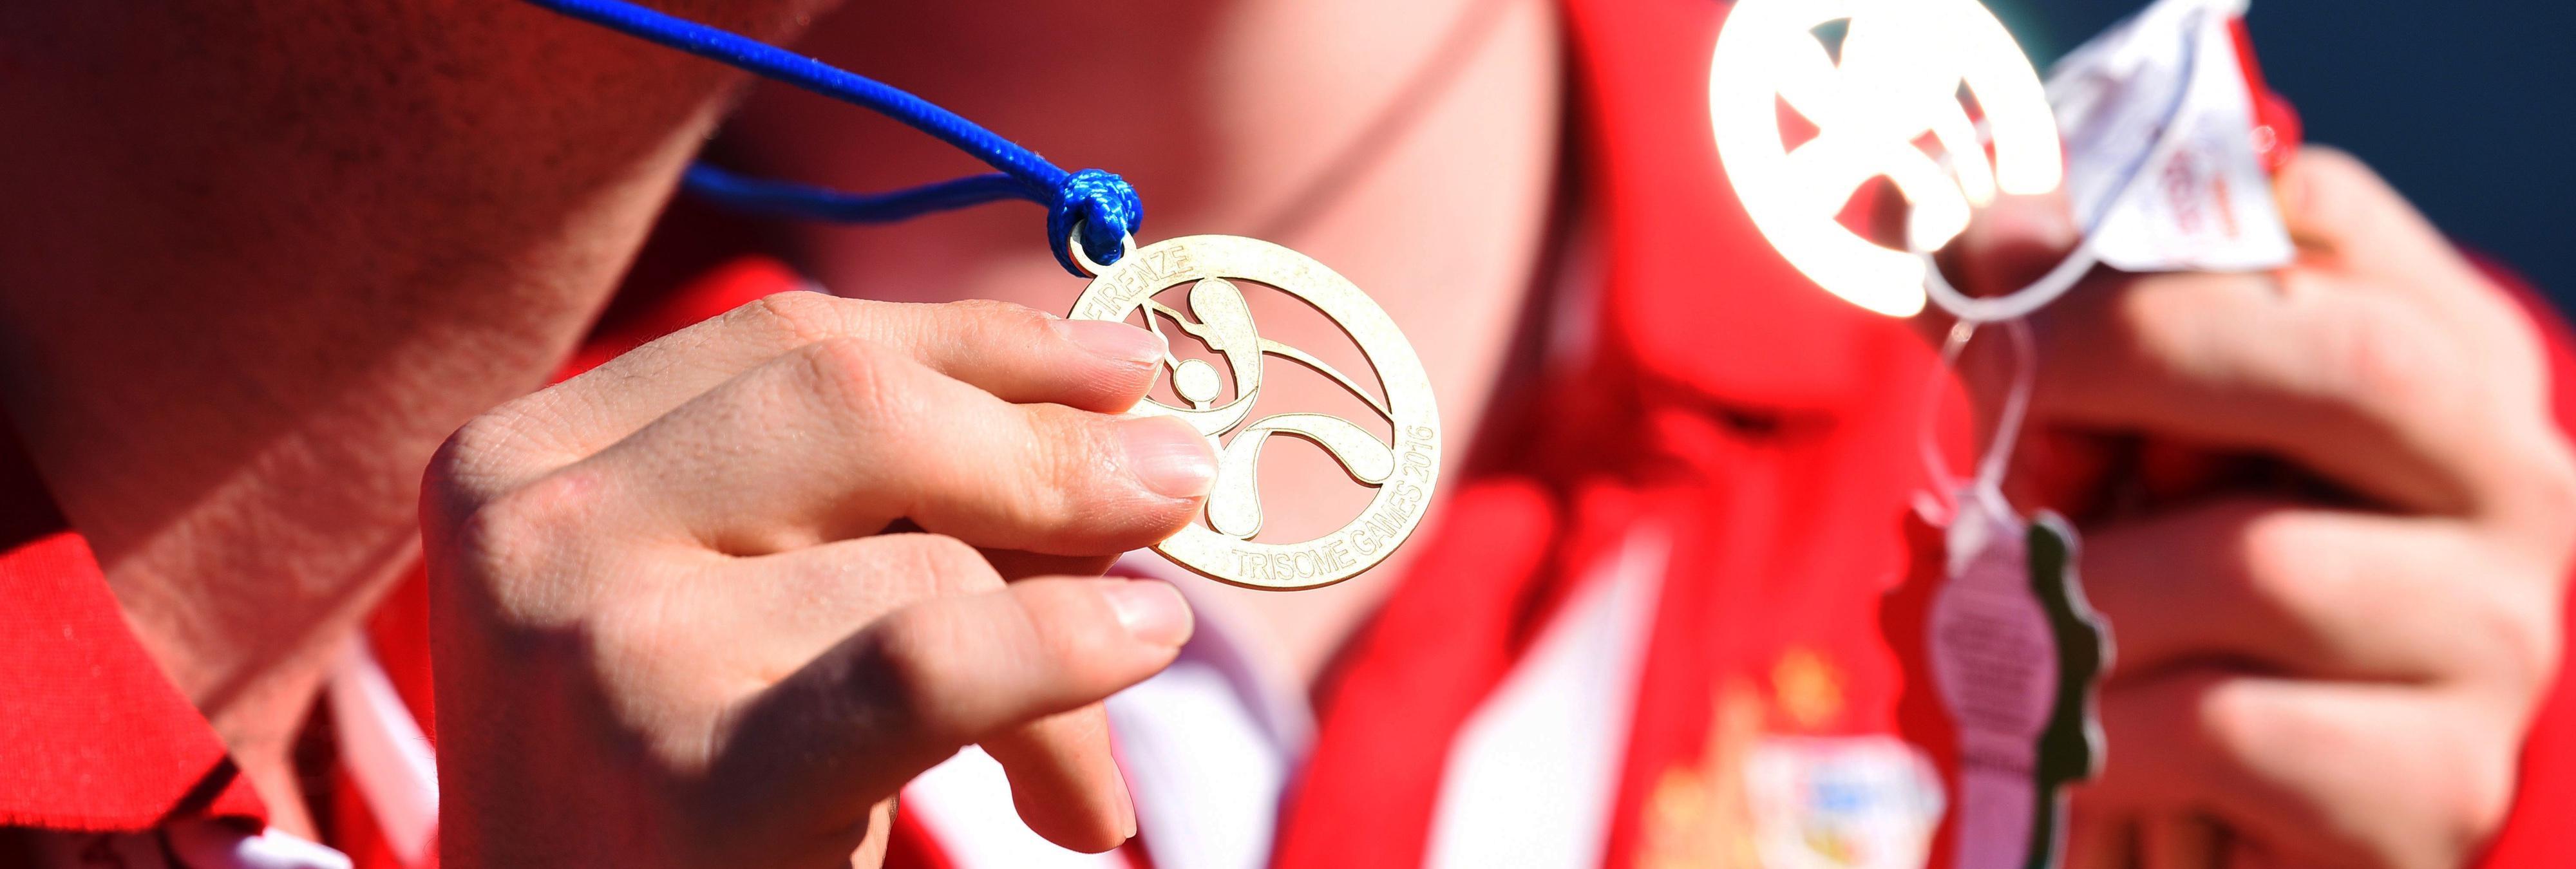 Sara Marín, la gimnasta ganadora de 5 oros olímpicos que no ha salido en televisión